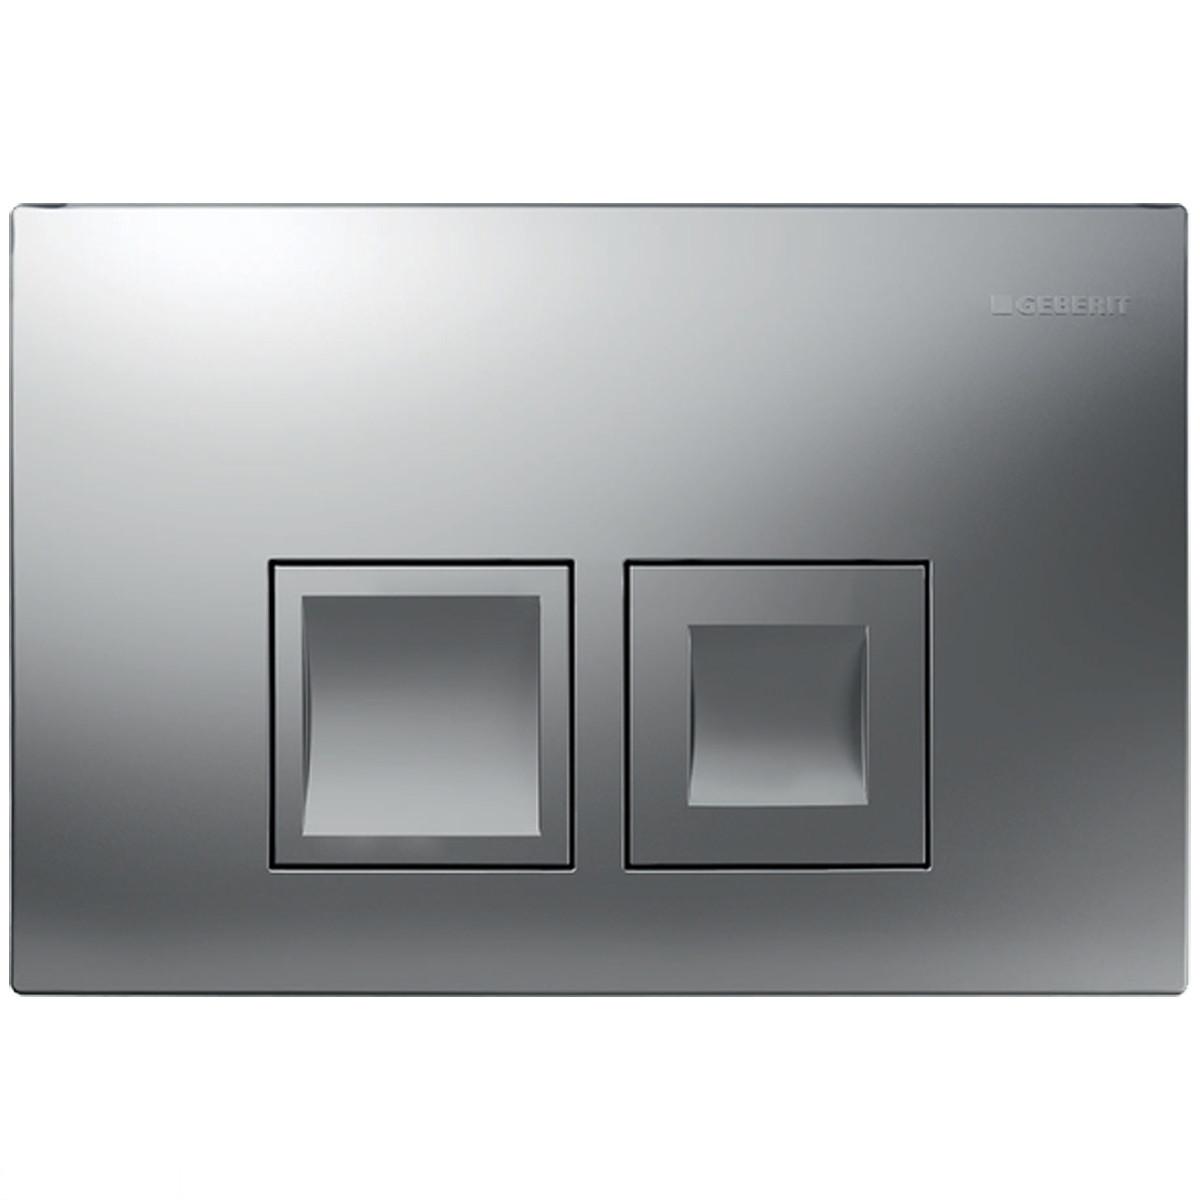 Кнопка для смыва Geberit Delta 115.135.46.1 50